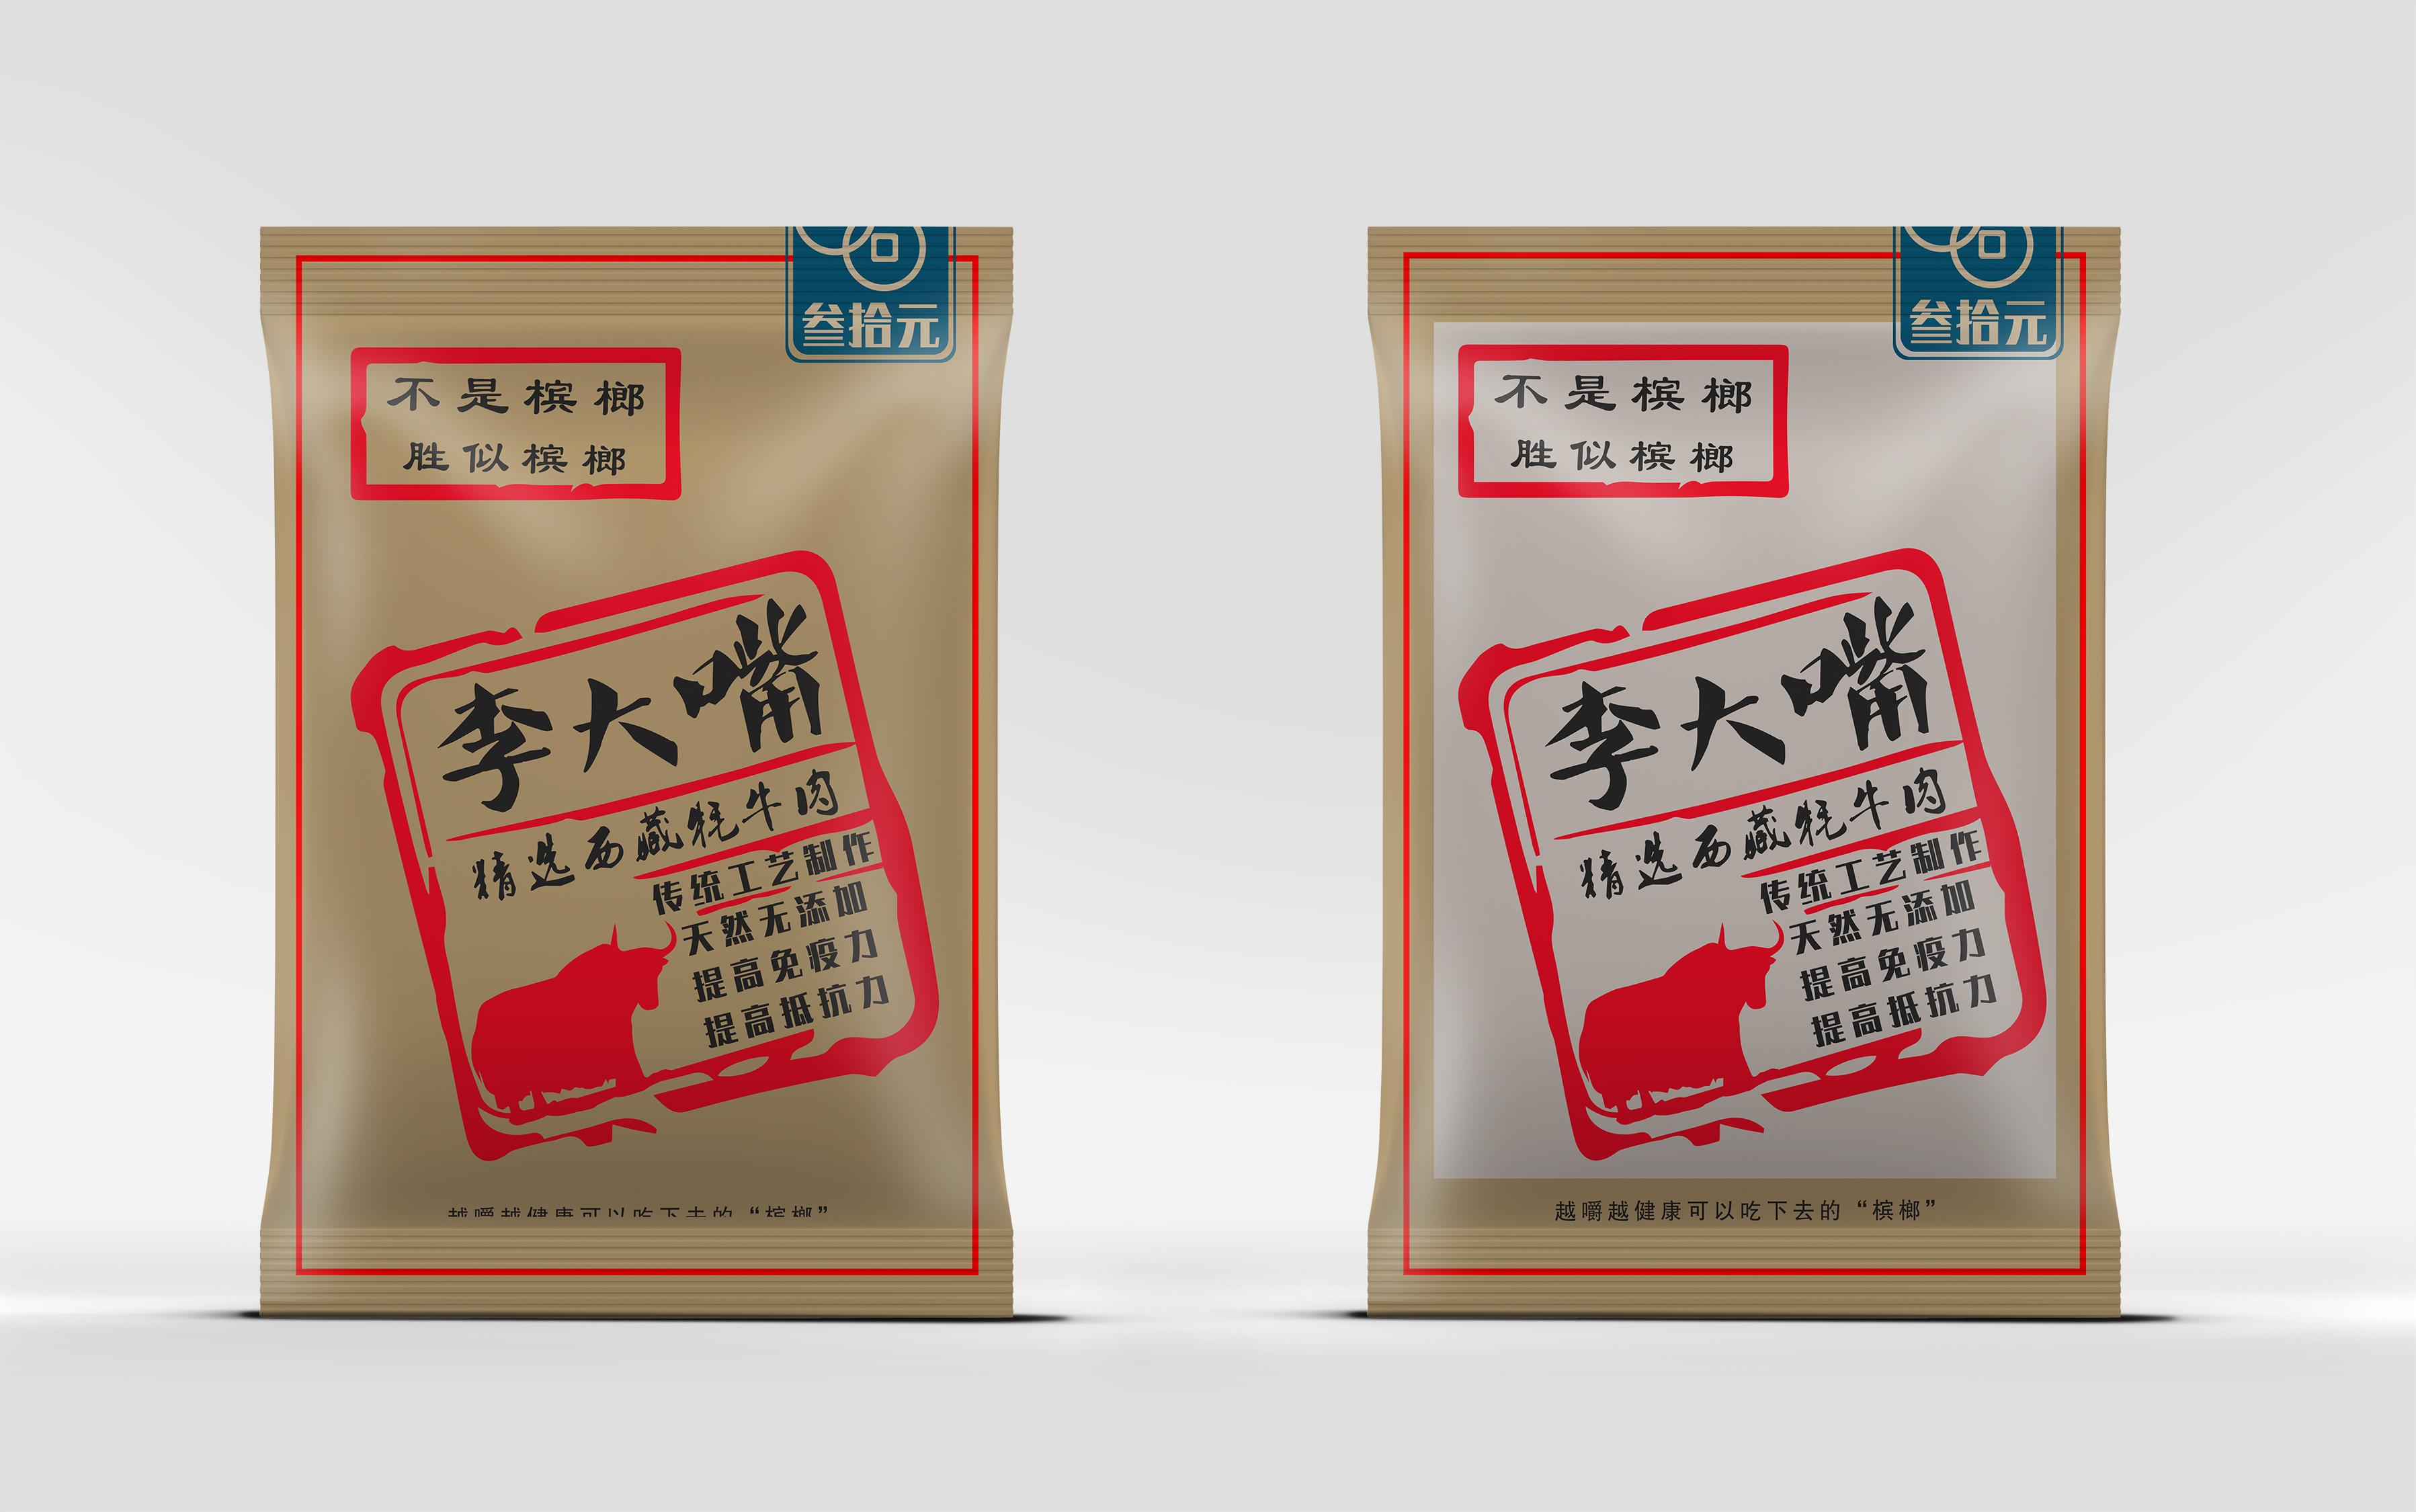 3D卡通形象食品饮品包装设计贴纸包装盒设计包装袋设计手提袋